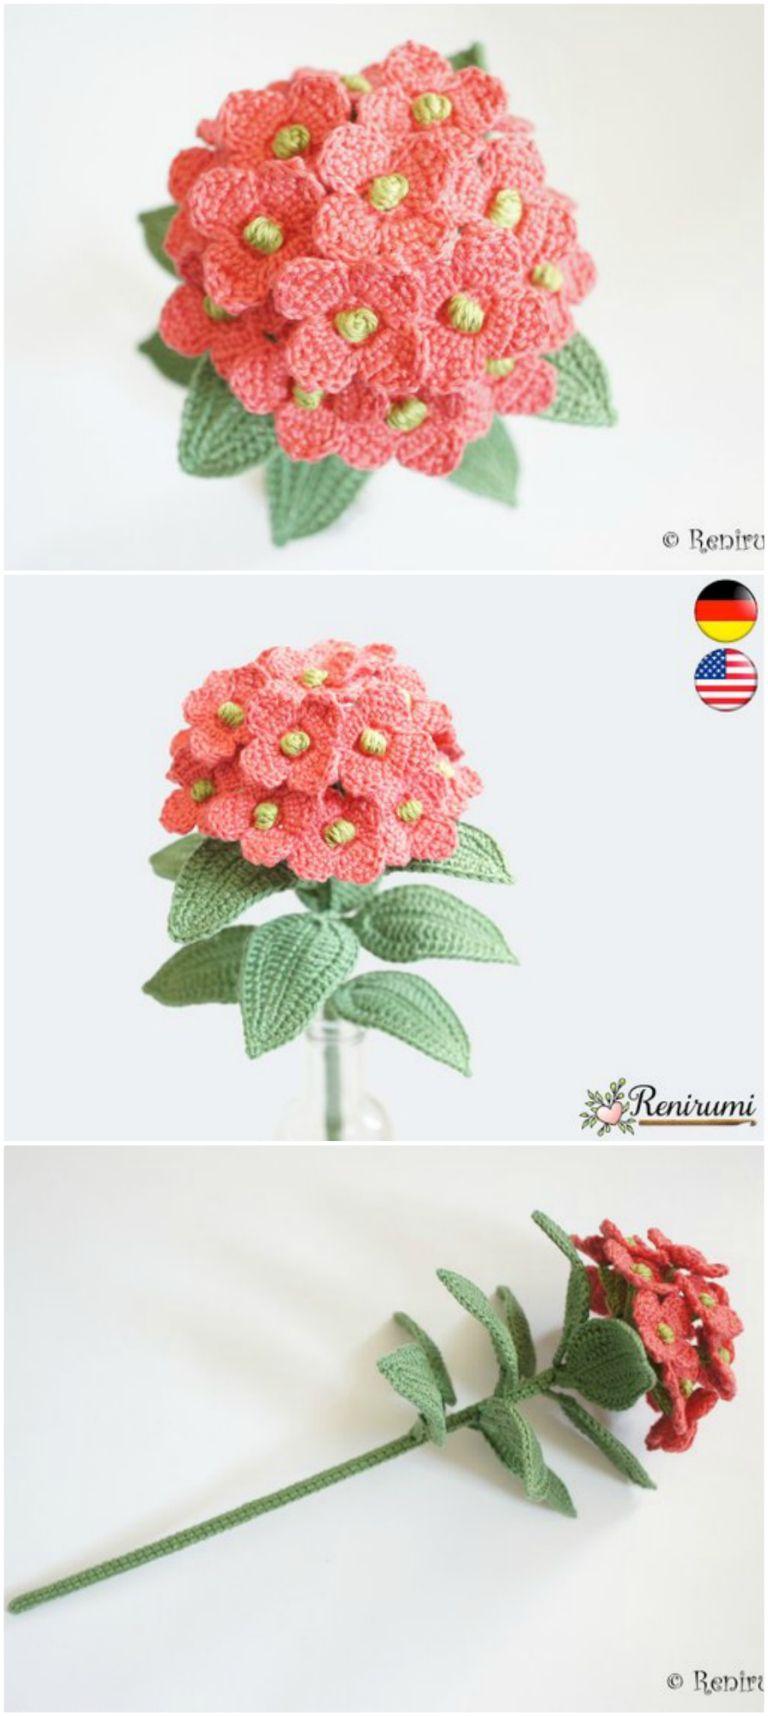 Crochet Hydrangea Flower Pattern Free Video Tutorial  646c35677ad40